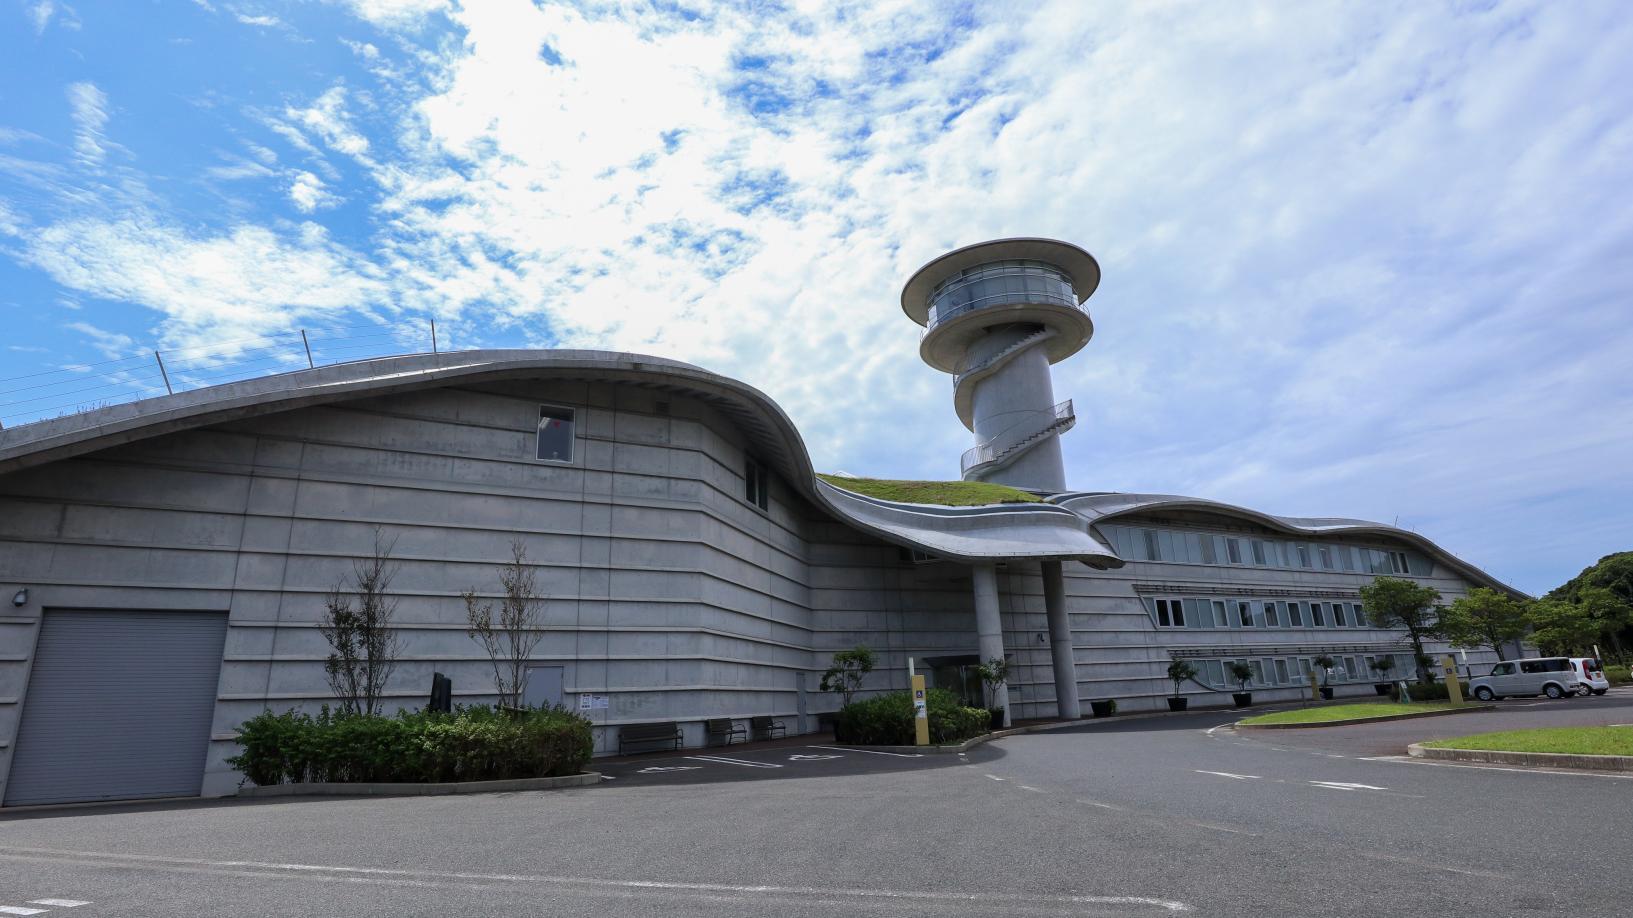 壱岐の歴史を楽しく学べる「一支国(いきこく)博物館」-0